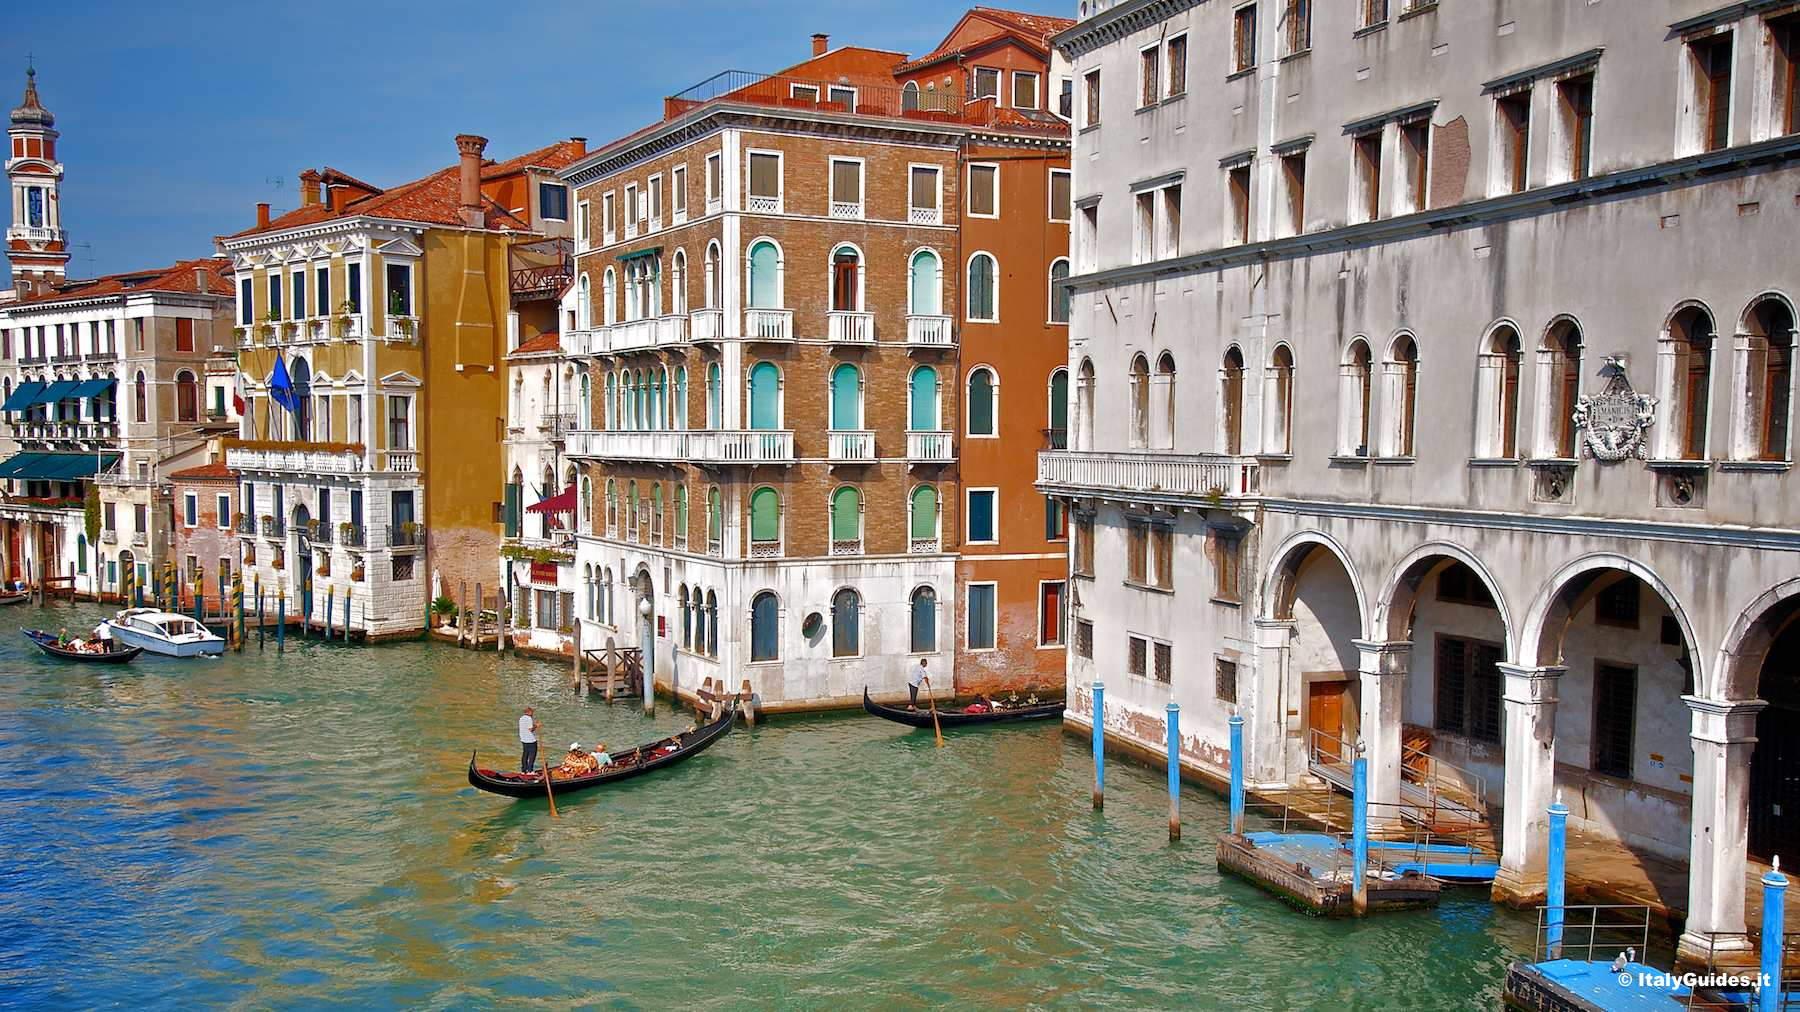 Hotel Venezia Canal Grande